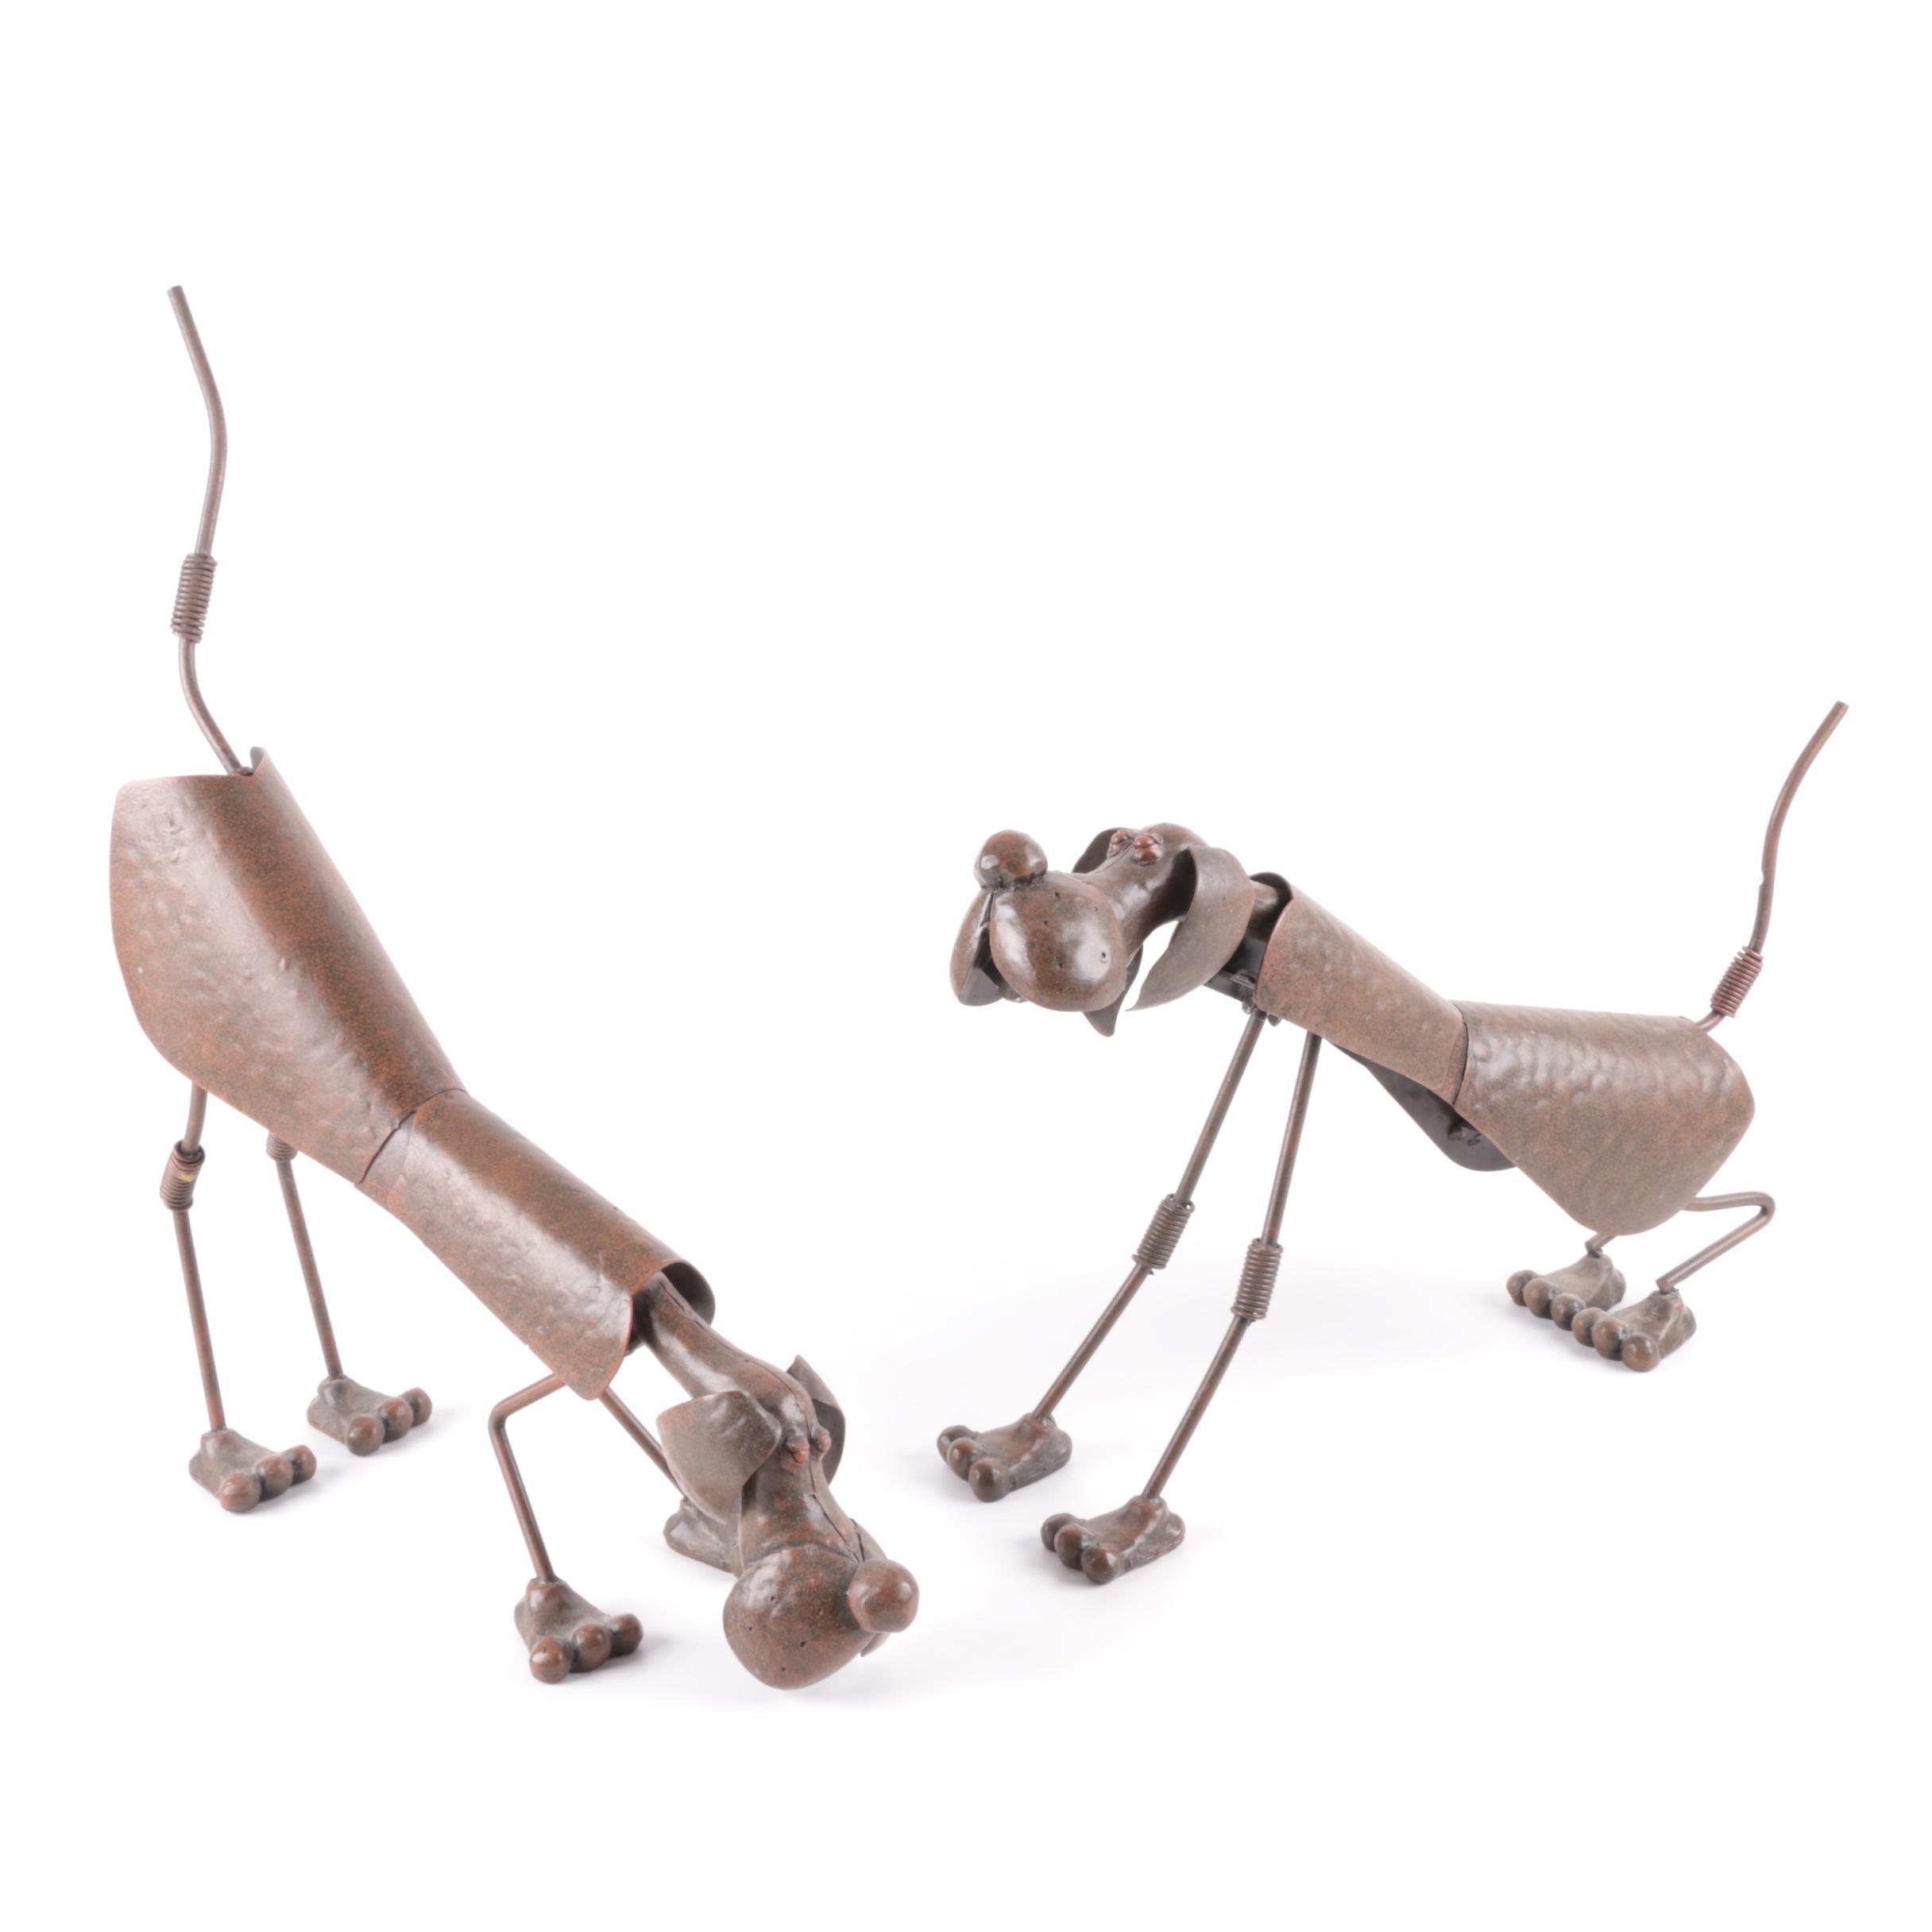 Pair of Metal Dog Figurines